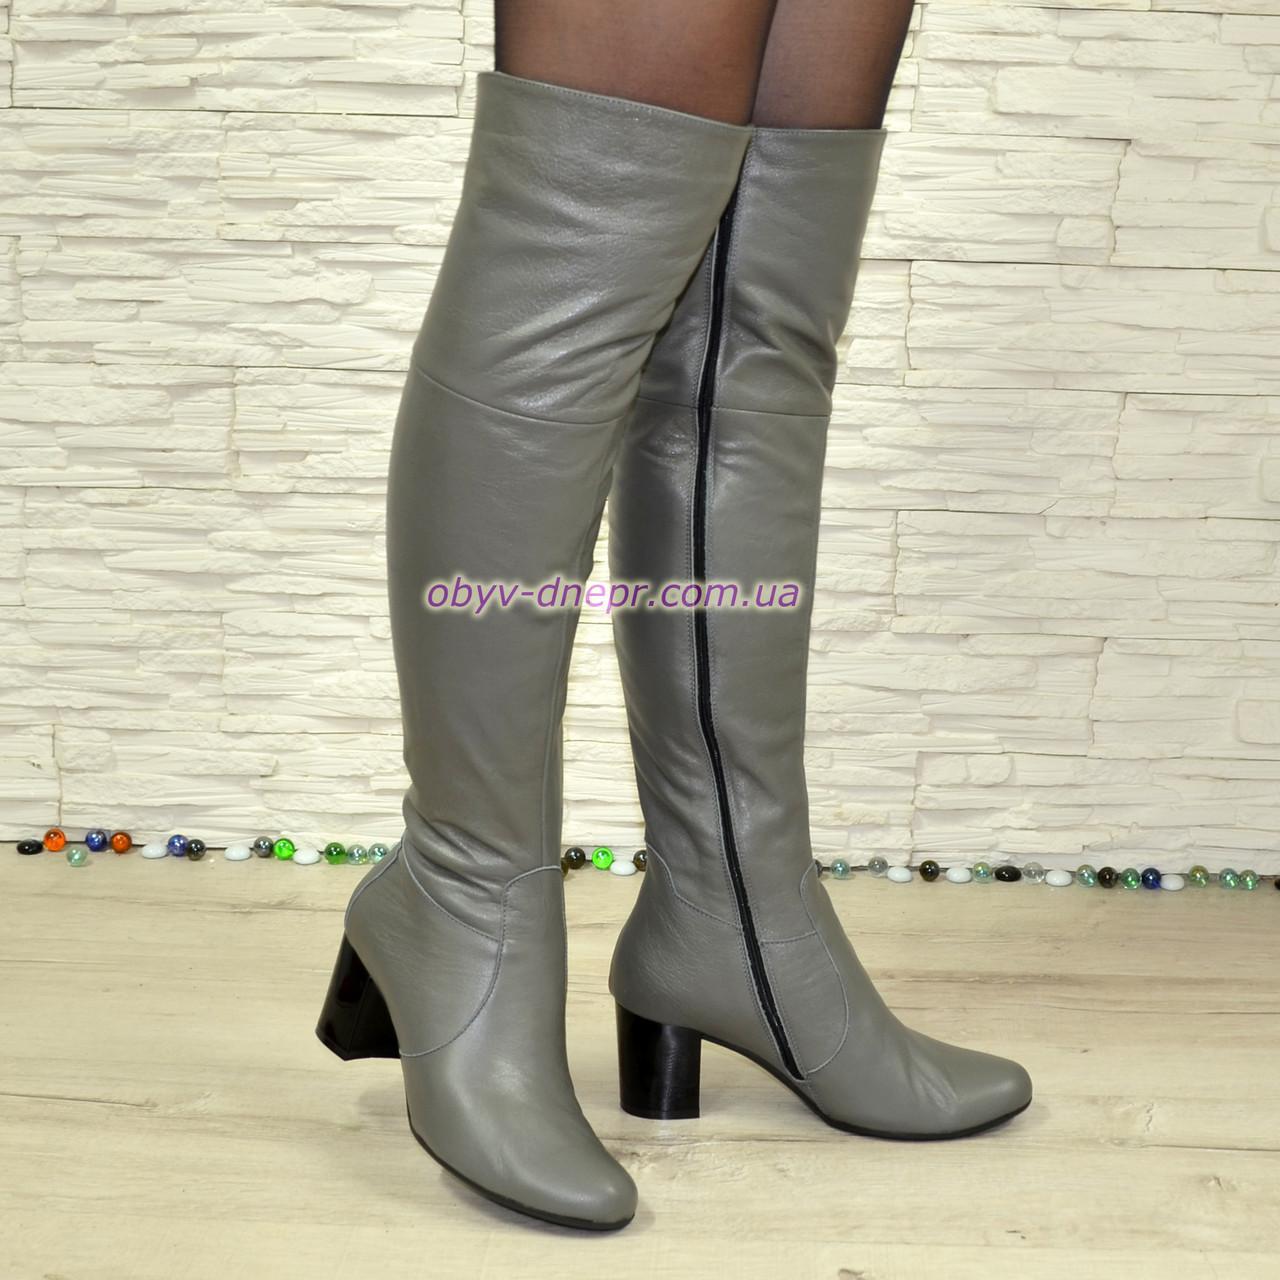 Зимові шкіряні ботфорти на стійкому каблуці, колір сірий